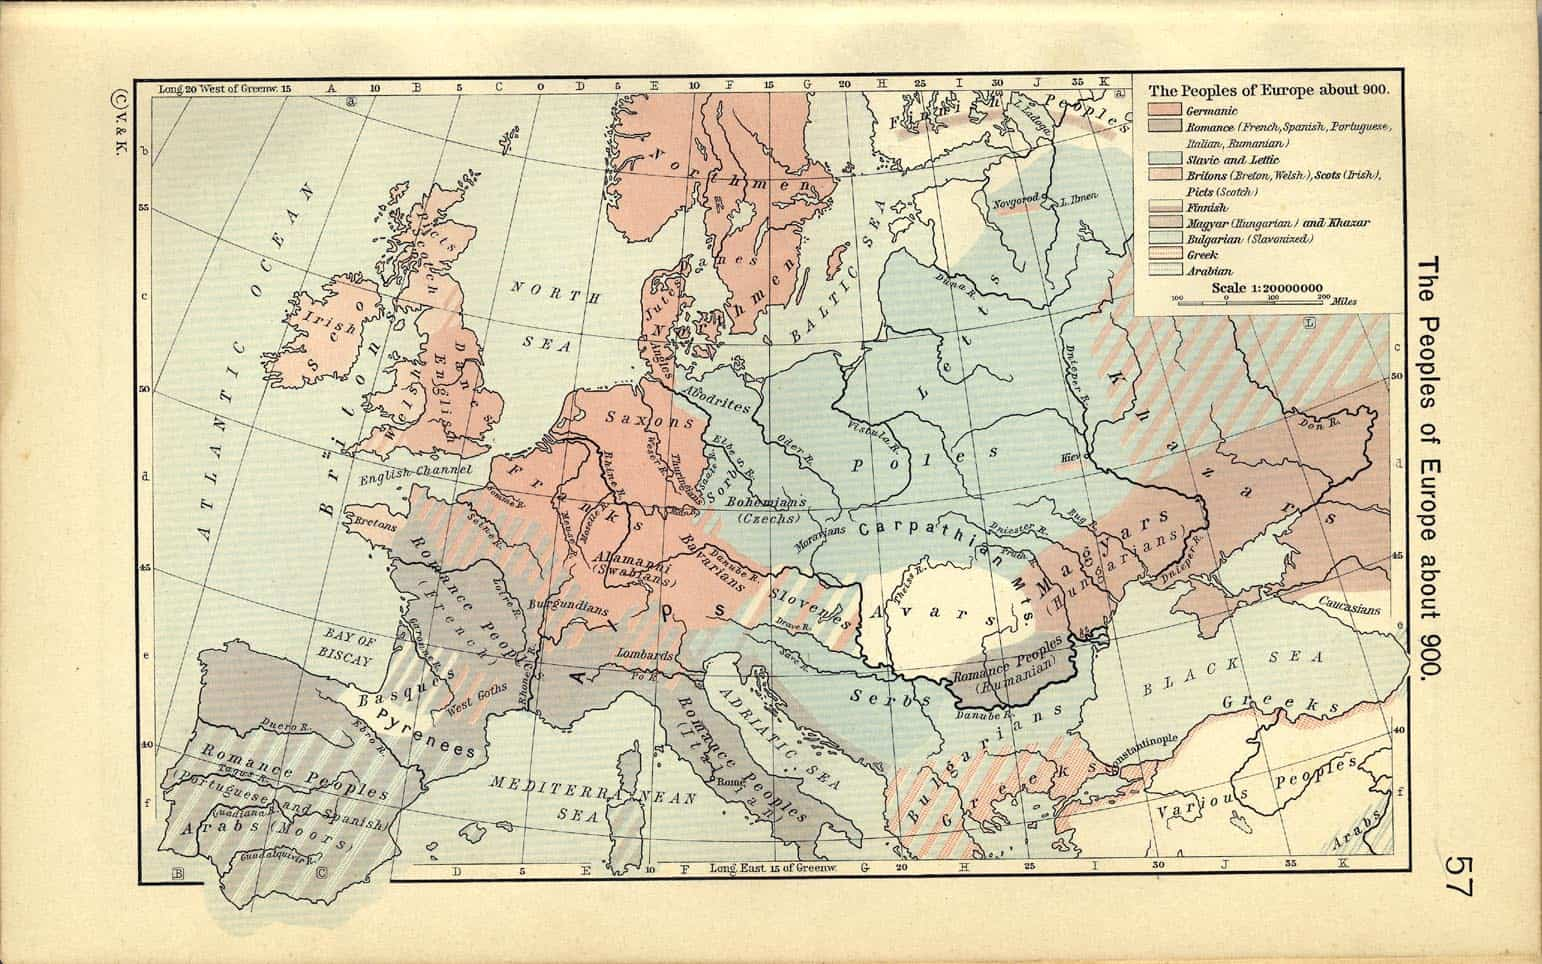 Mapa Europy 900 n.e. Poles, Polacy, Lechici, Słowianie